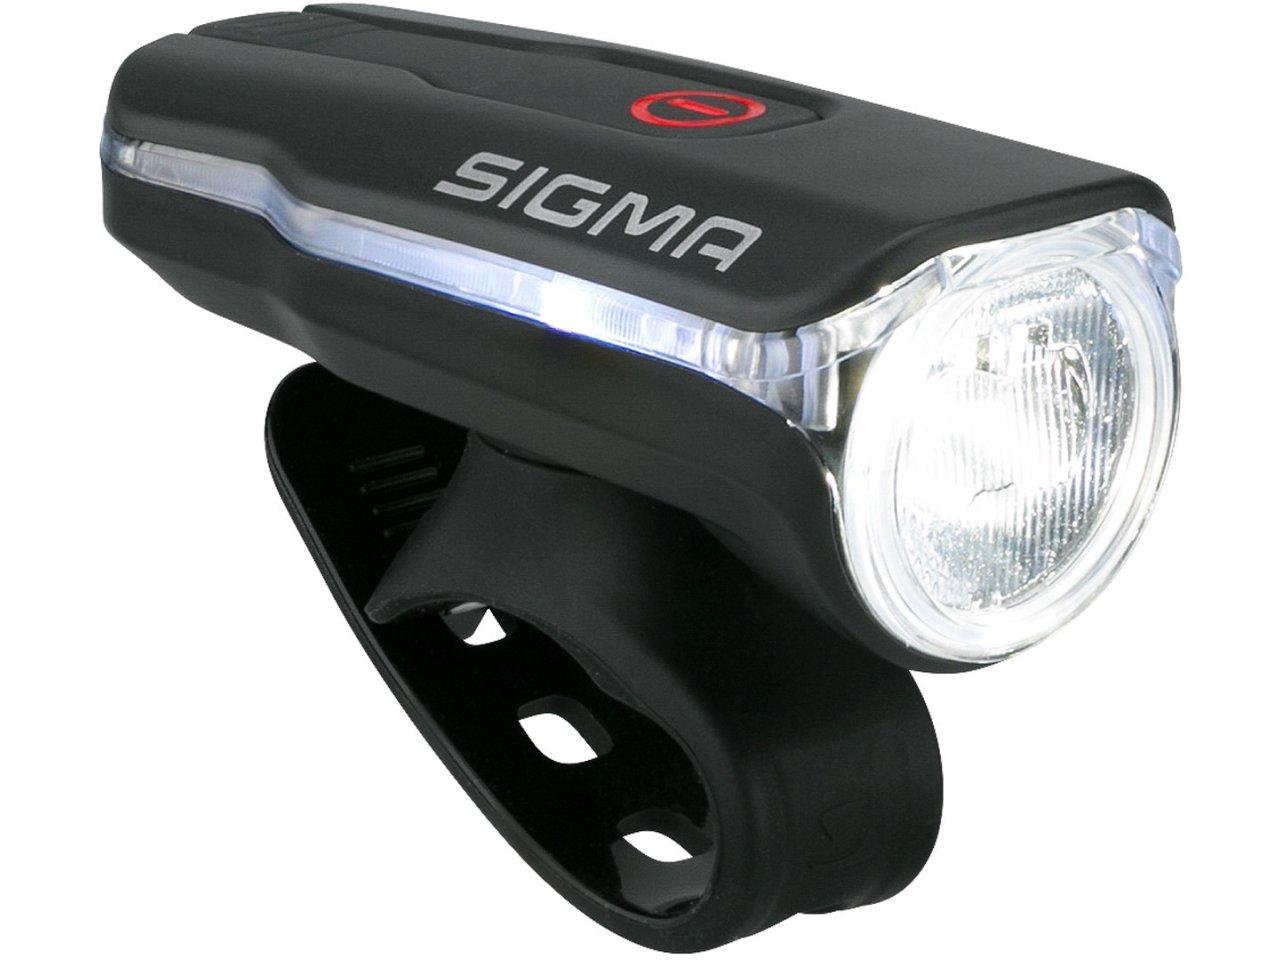 Sigma Scheinwerfer Aura 60 Lux LED USB schwarz Fahrrad Beleuchtung